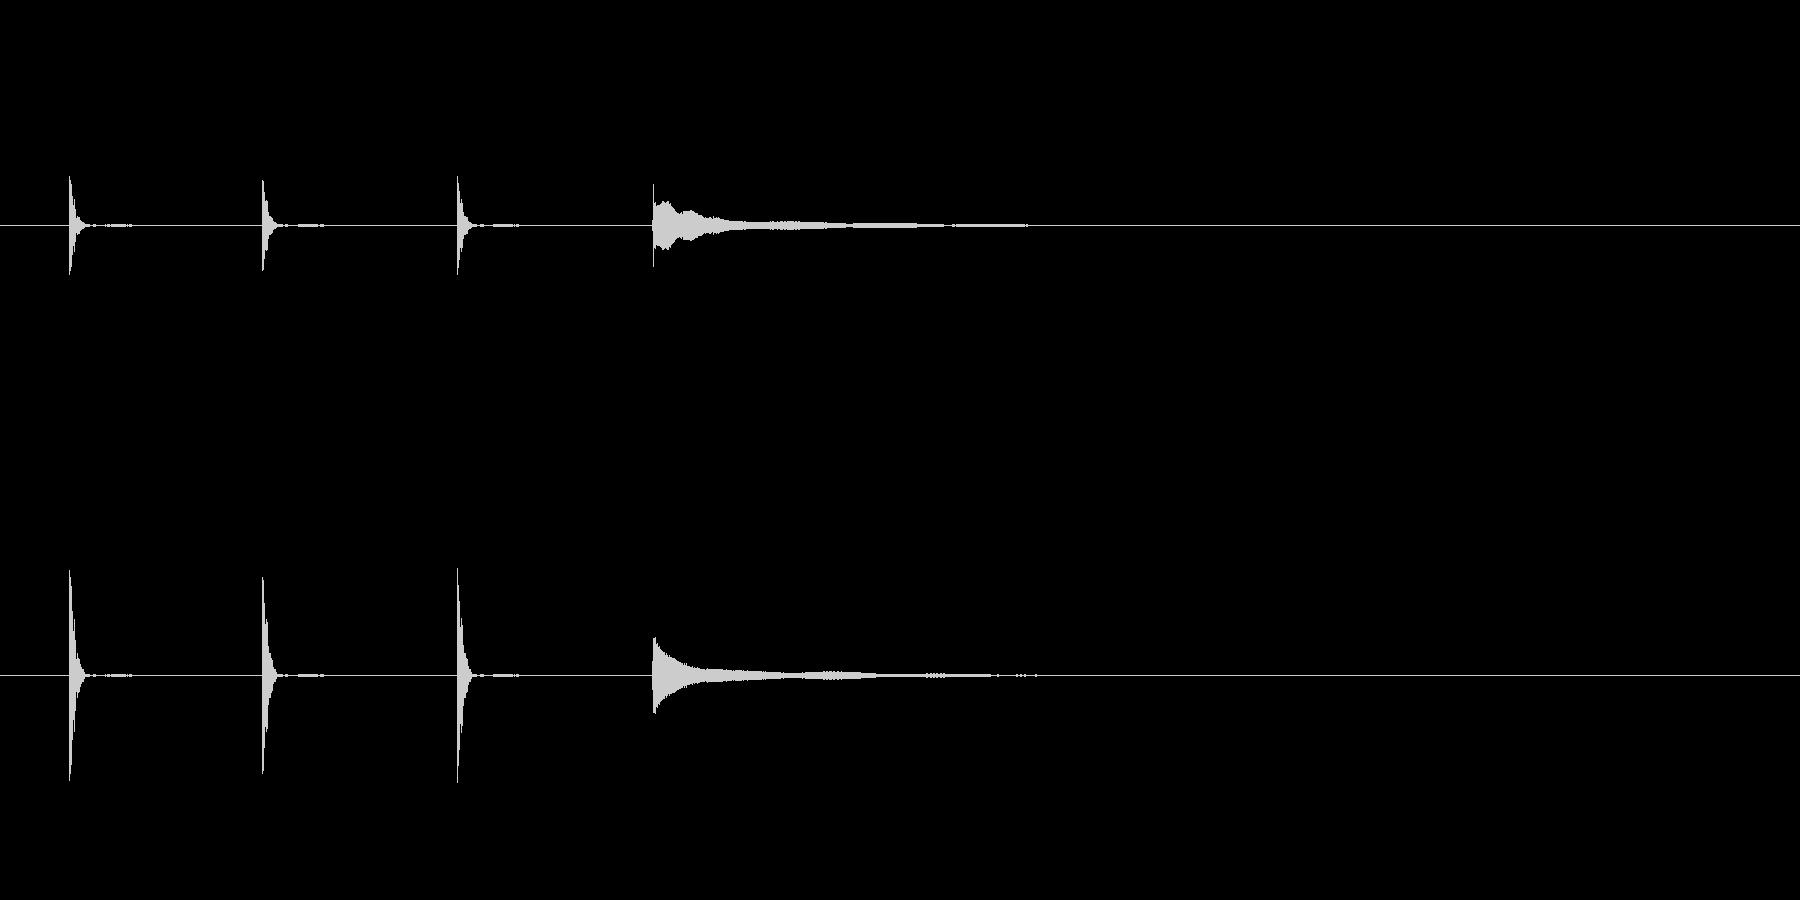 ポクポクポクチーン(短め)の未再生の波形